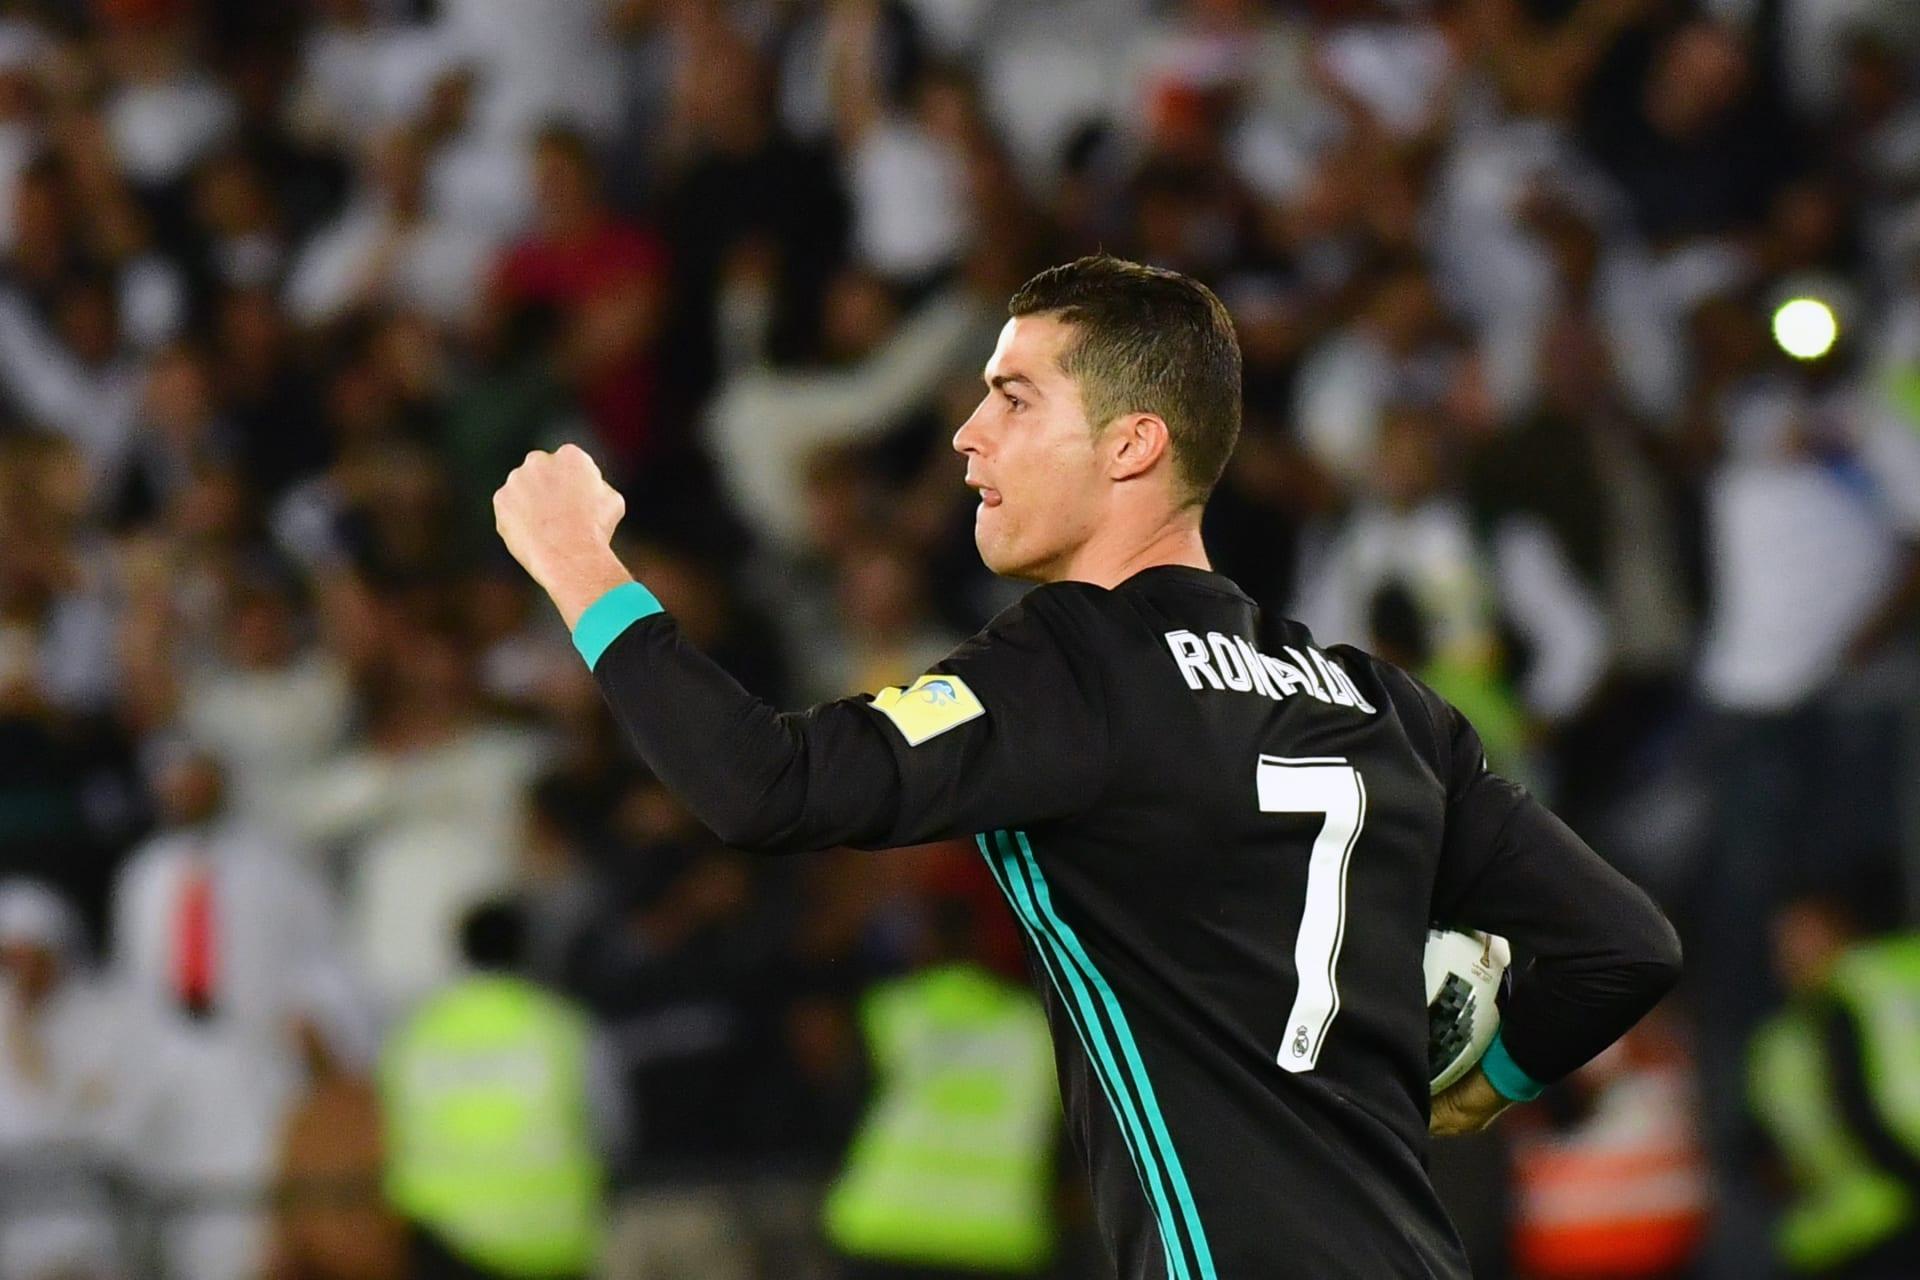 ريال مدريد يتغلب على الجزيرة بشق الأنفس ويتأهل لنهائي المونديال